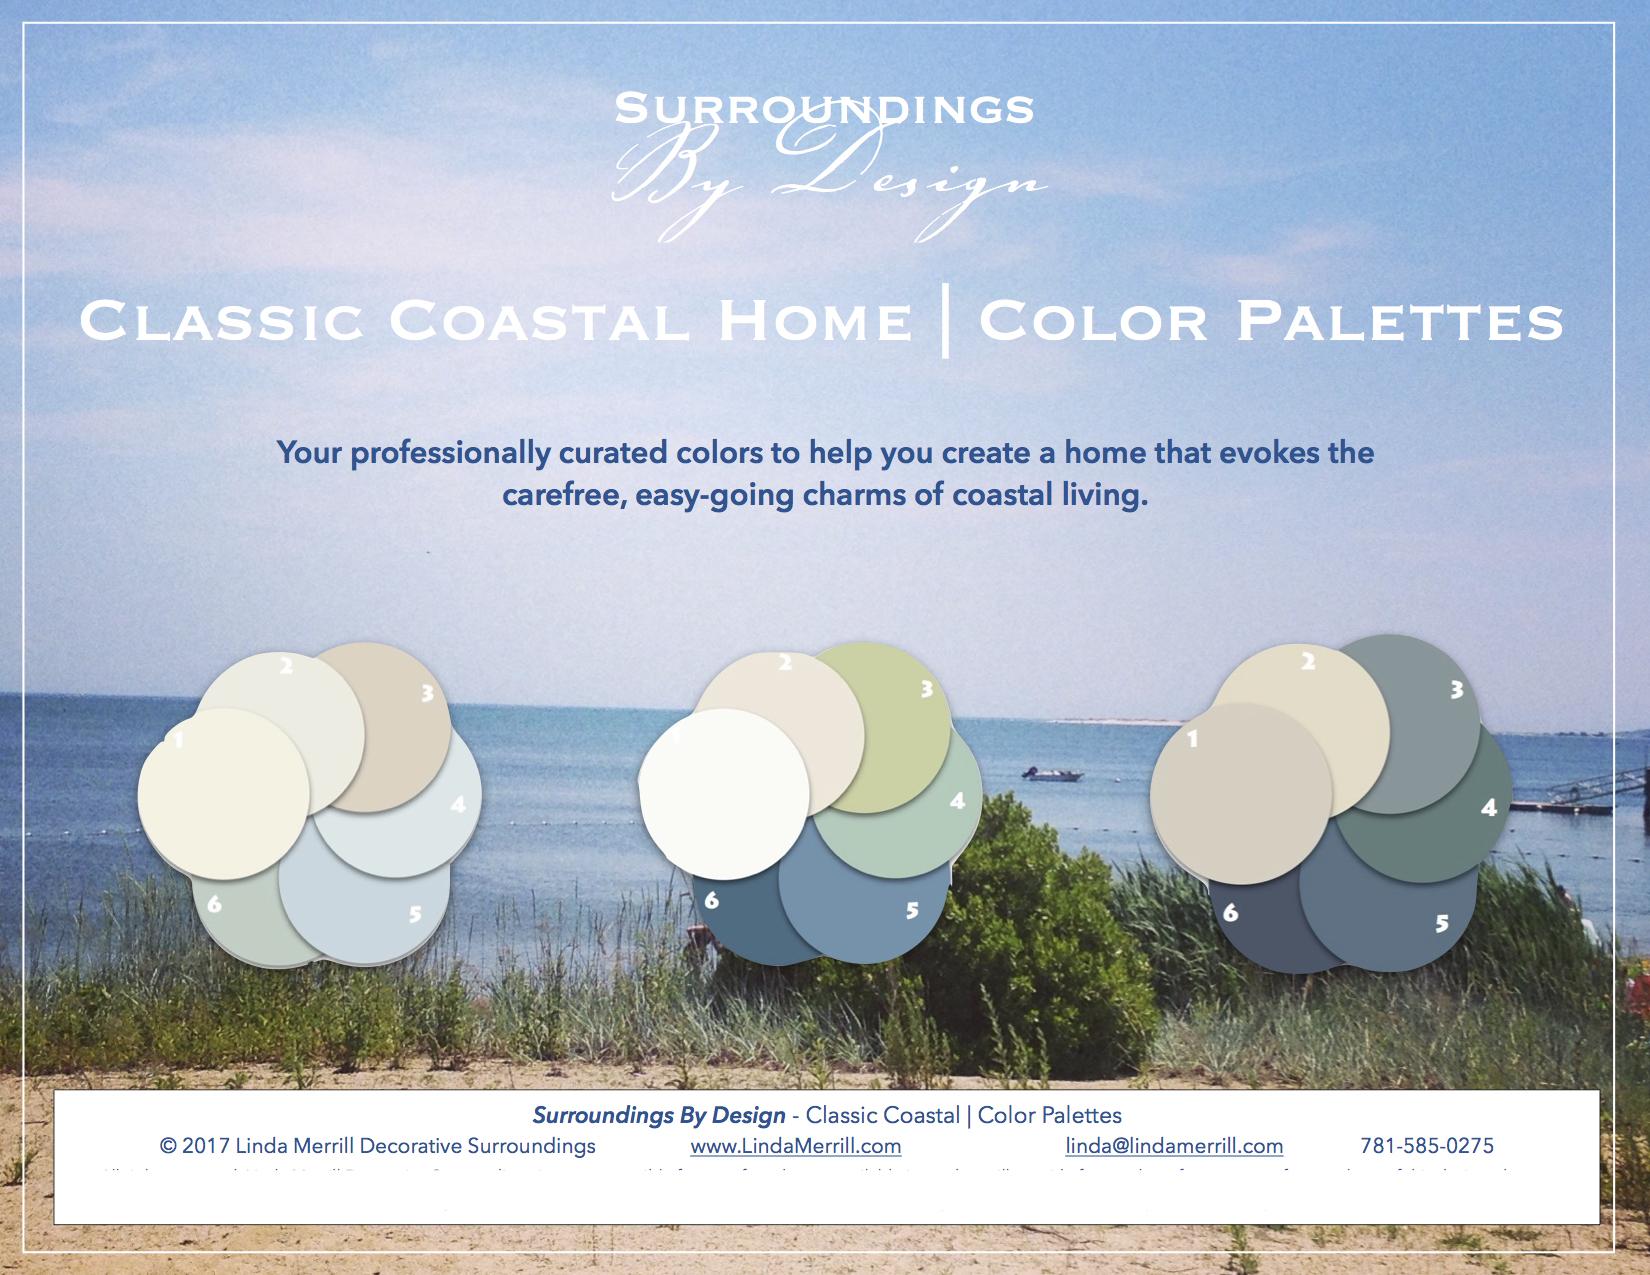 Classic Coastal Color Palette